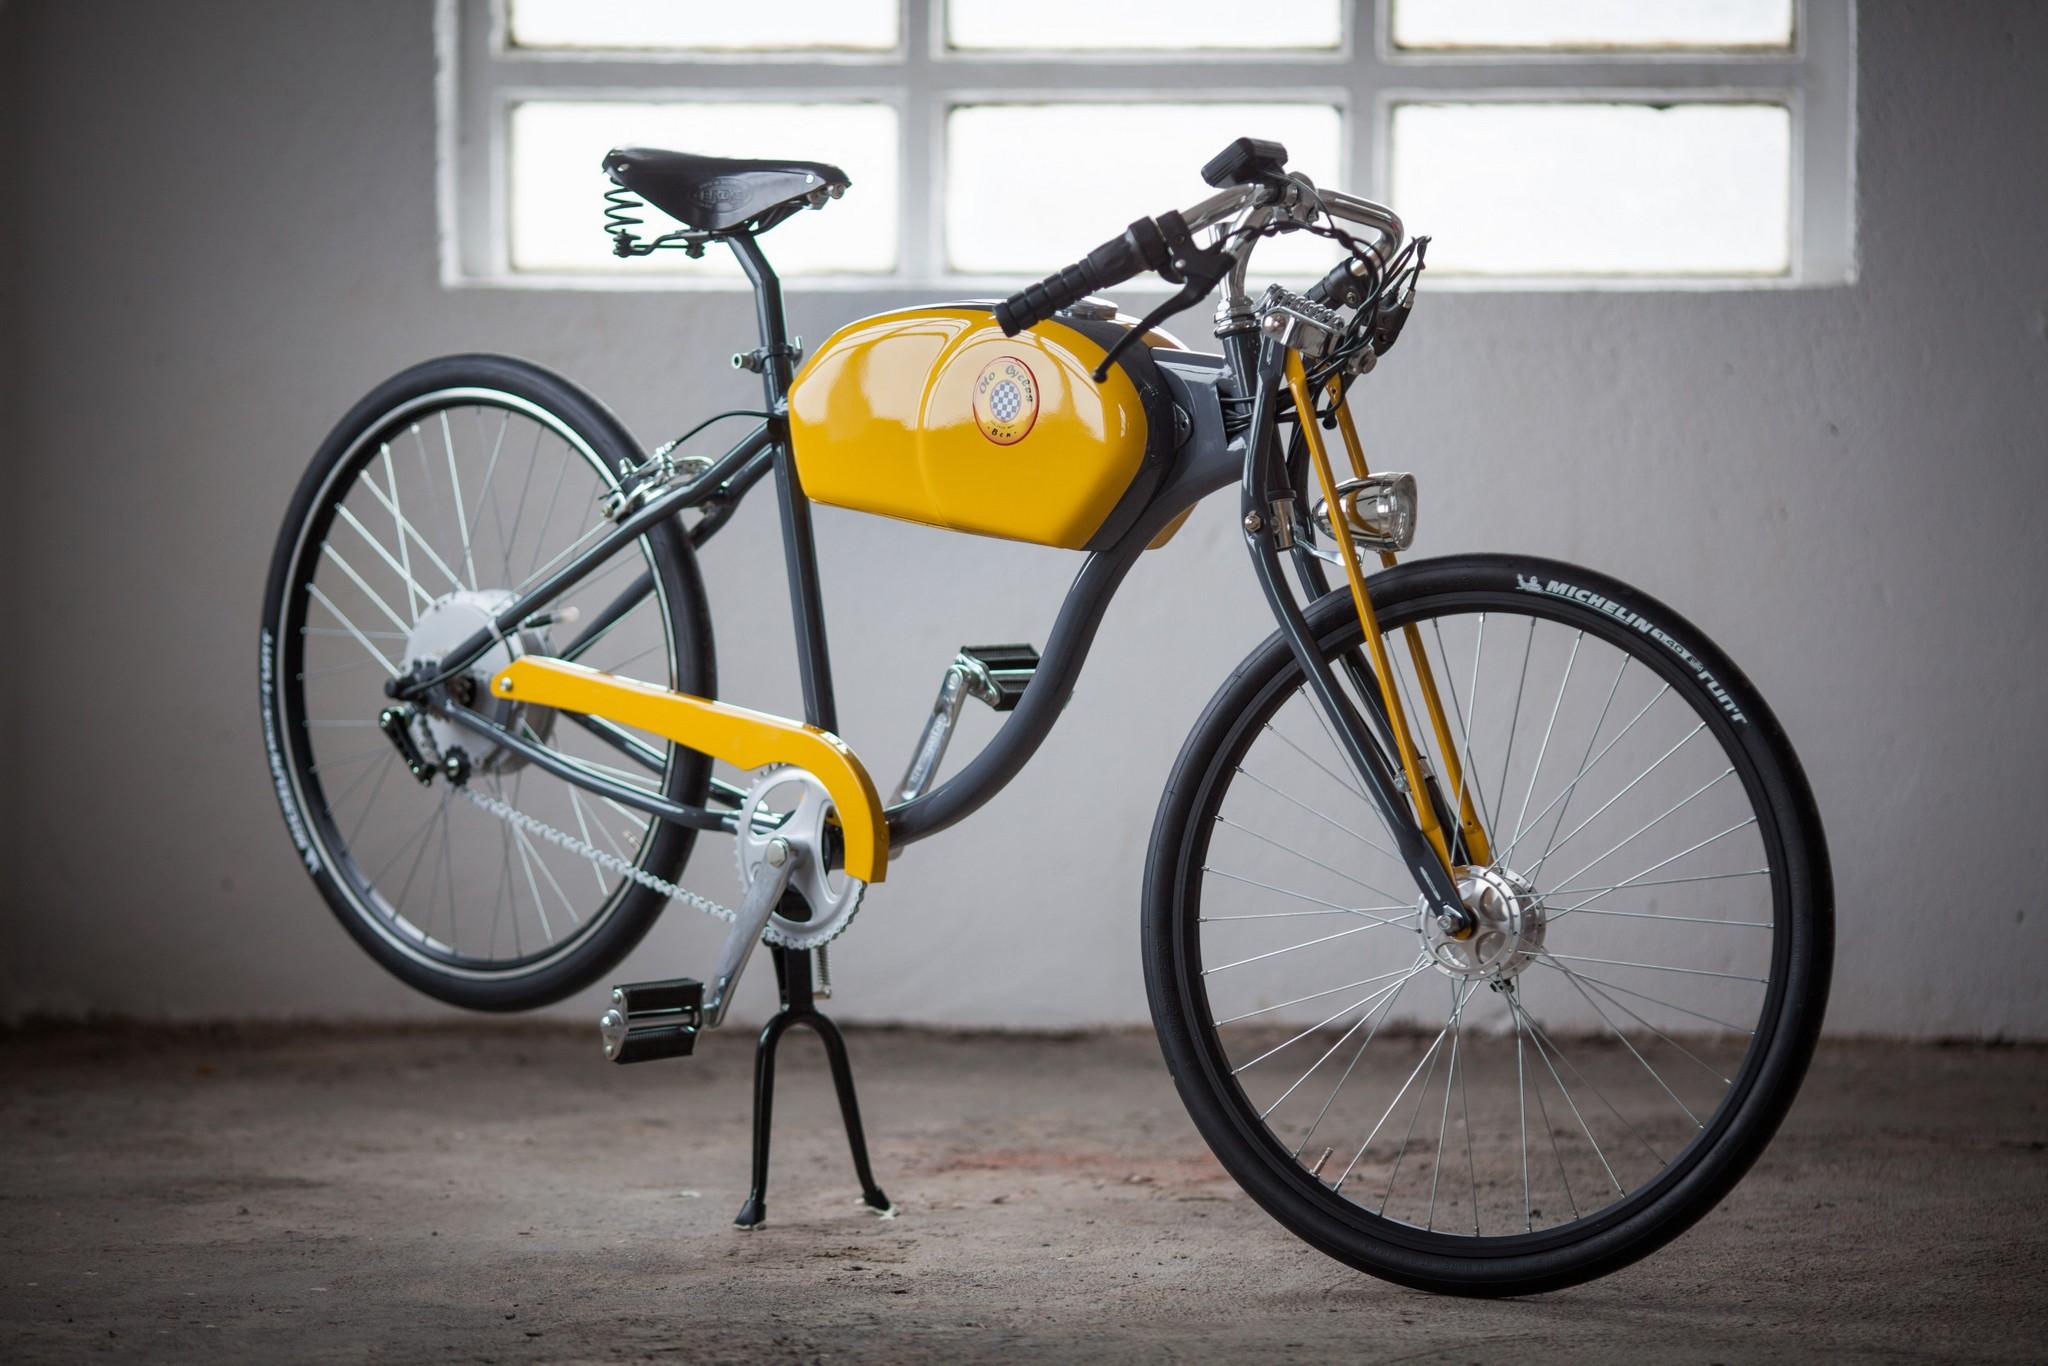 Oto Cycles Shows Otok The Vintage Looking Pedelec